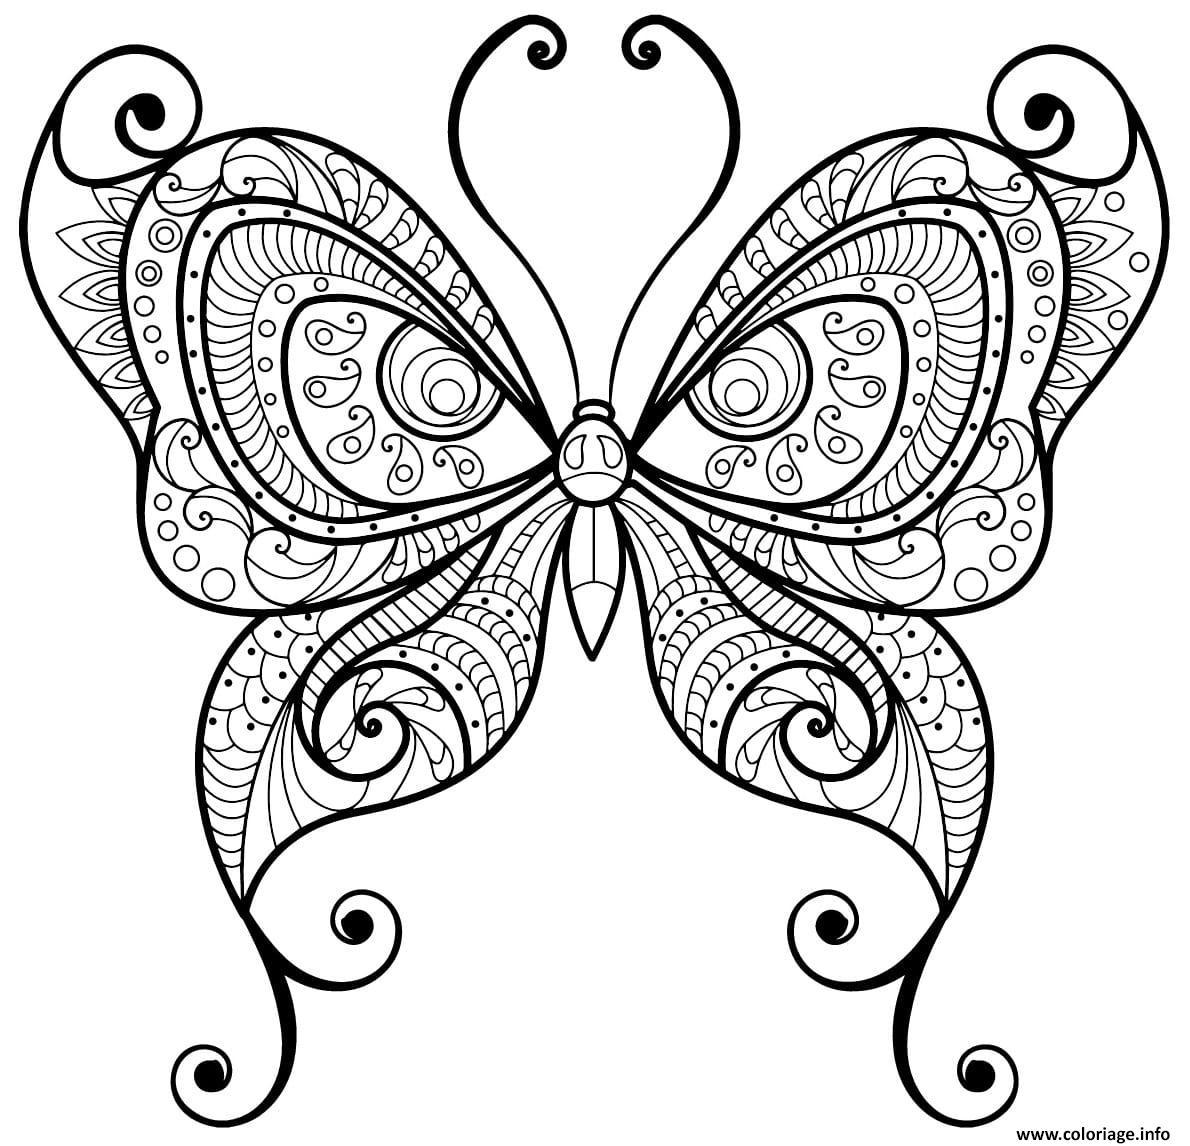 Dessin papillon adulte jolis motifs 10 Coloriage Gratuit à Imprimer